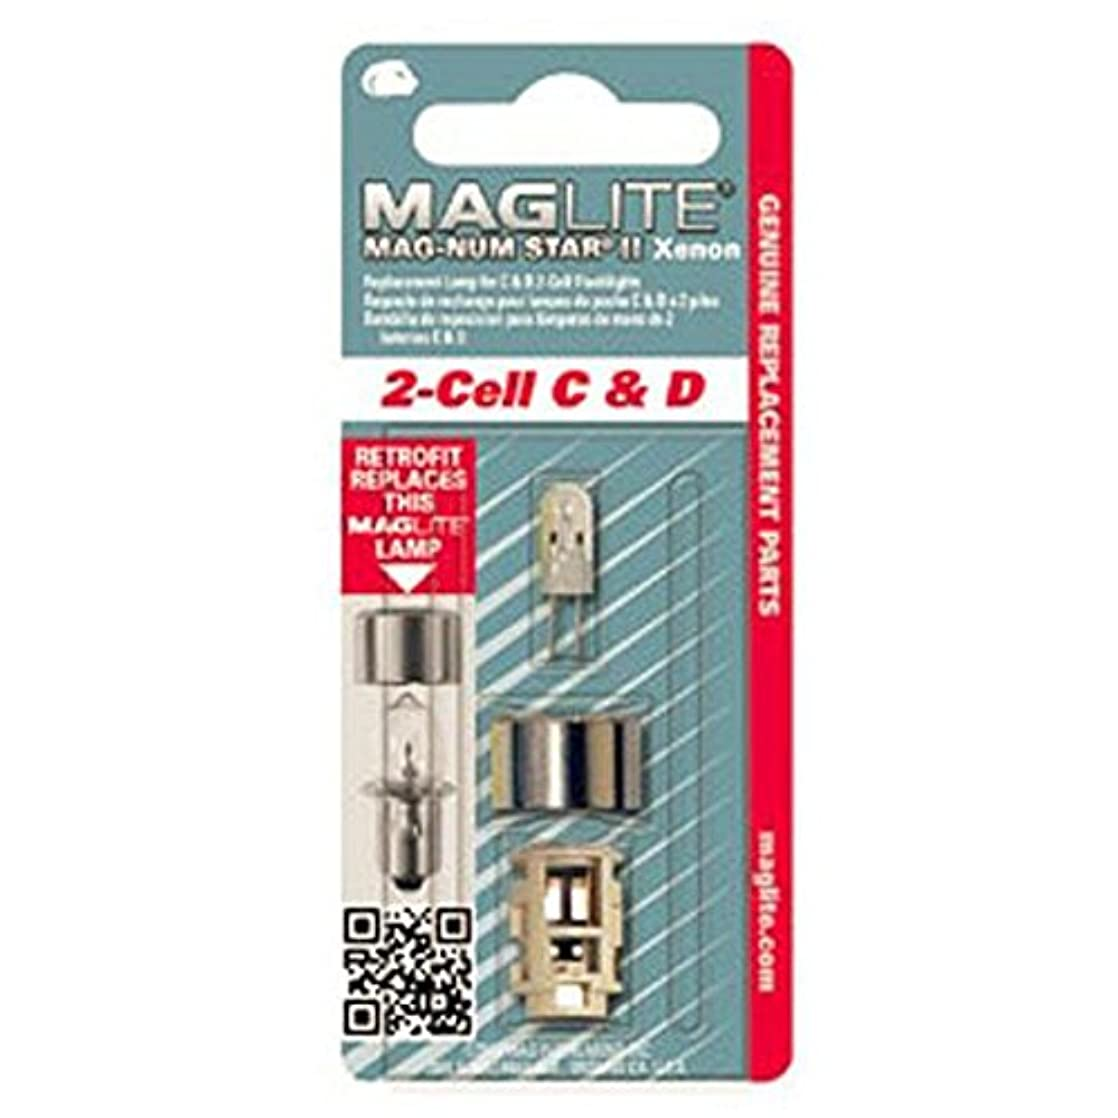 低いお誕生日名誉MAG-LITE(マグライト) 懐中電灯用替え球 LMXA201Y